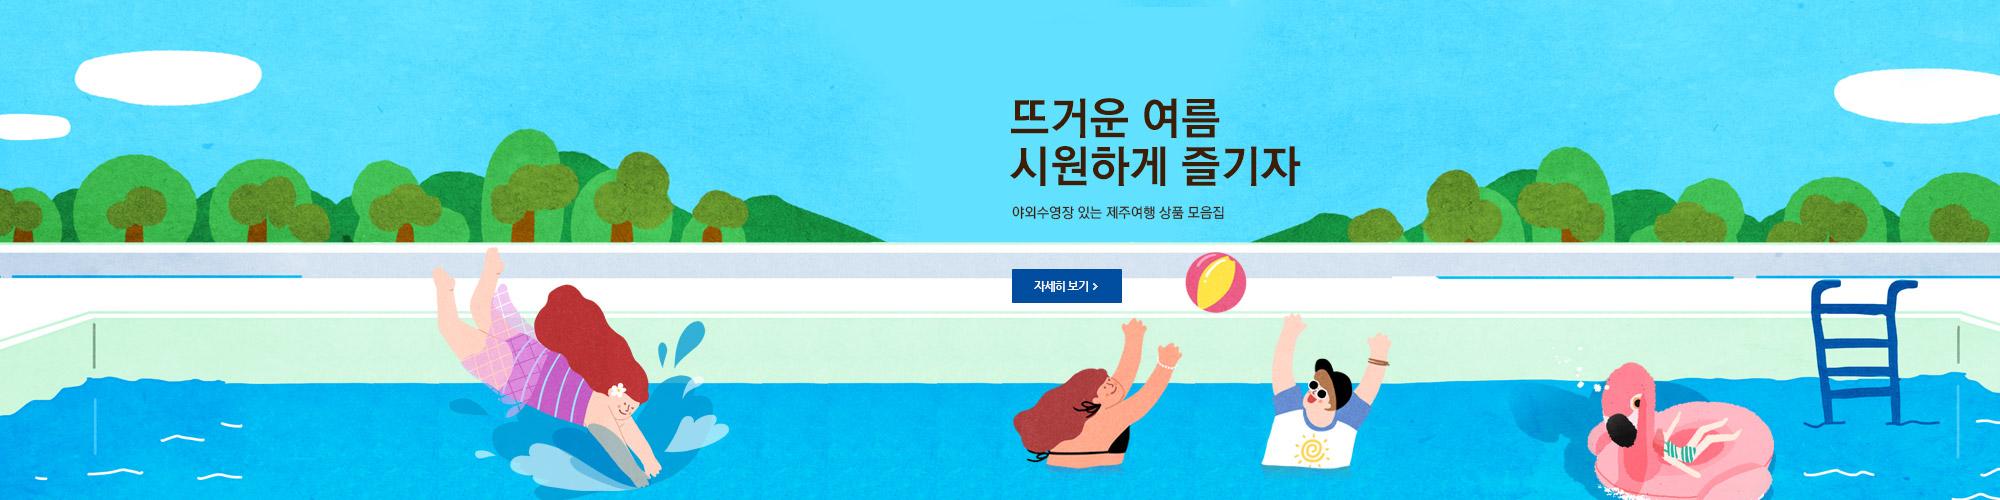 수영장 숙소 모음